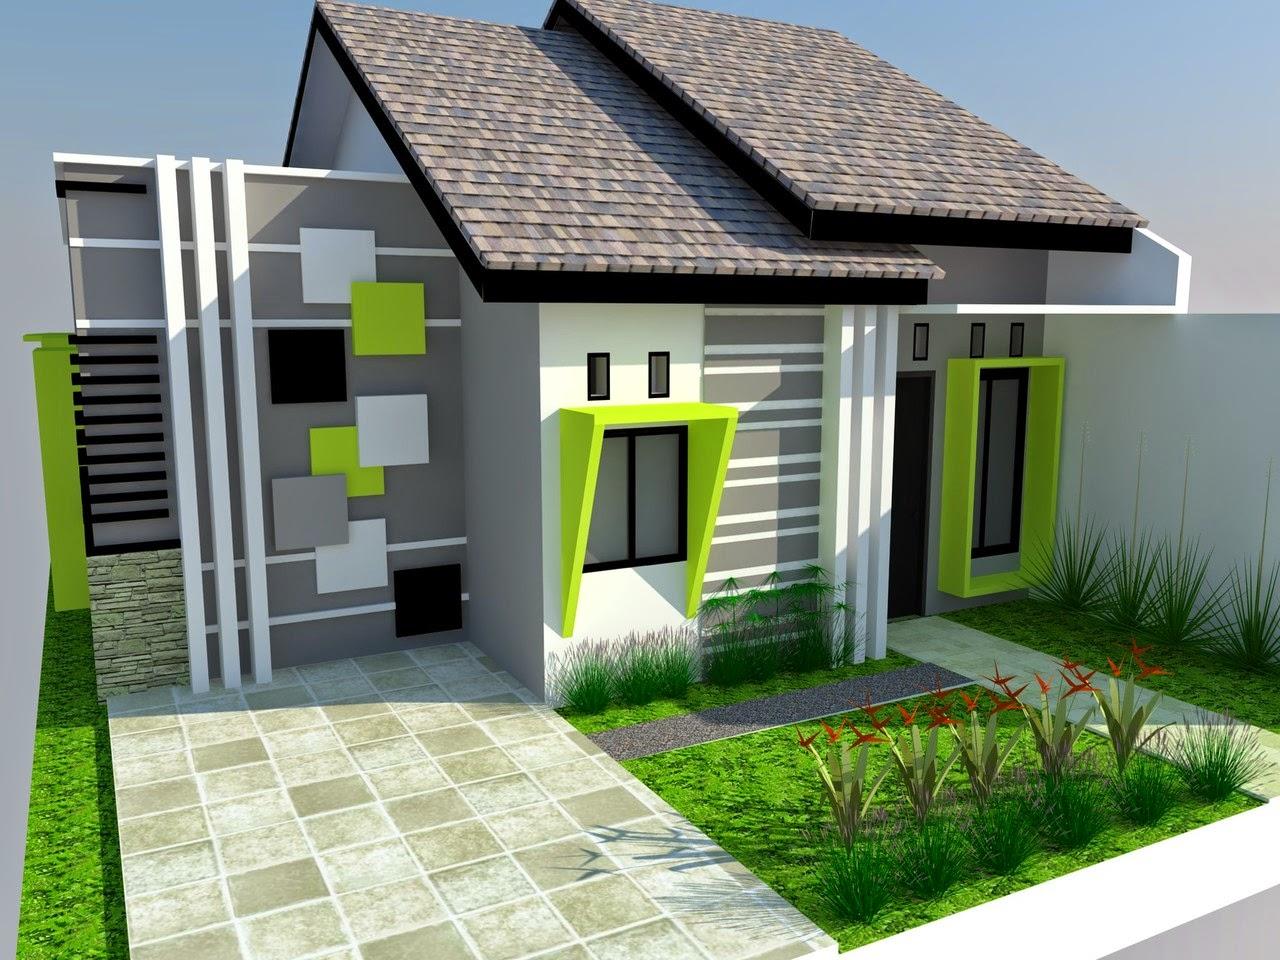 Gambar Rumah Minimalis Di Kampung Download Gambar